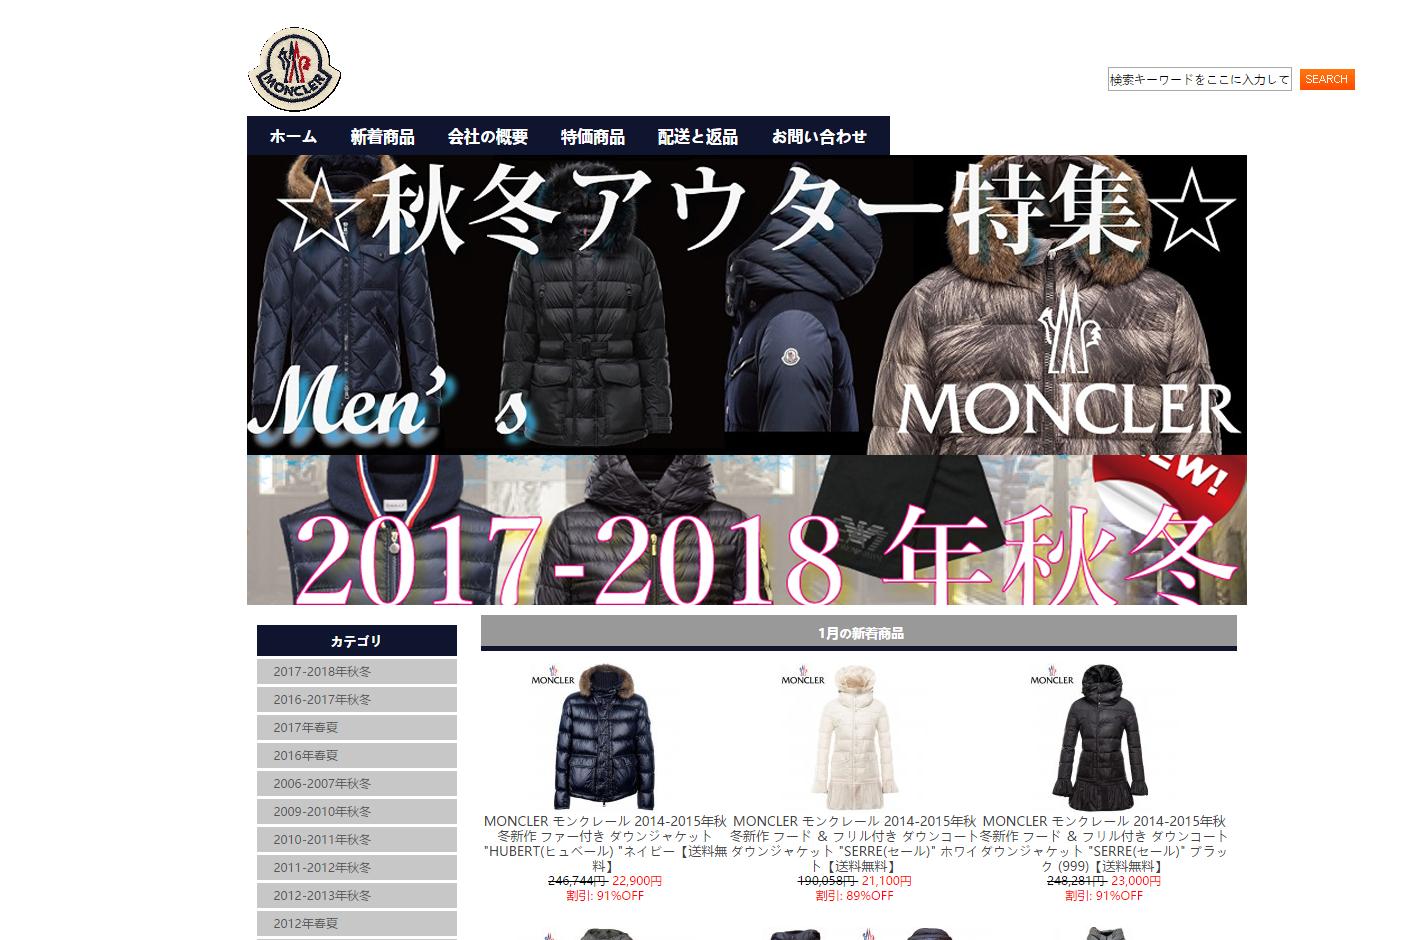 モンクレール の詐欺サイト